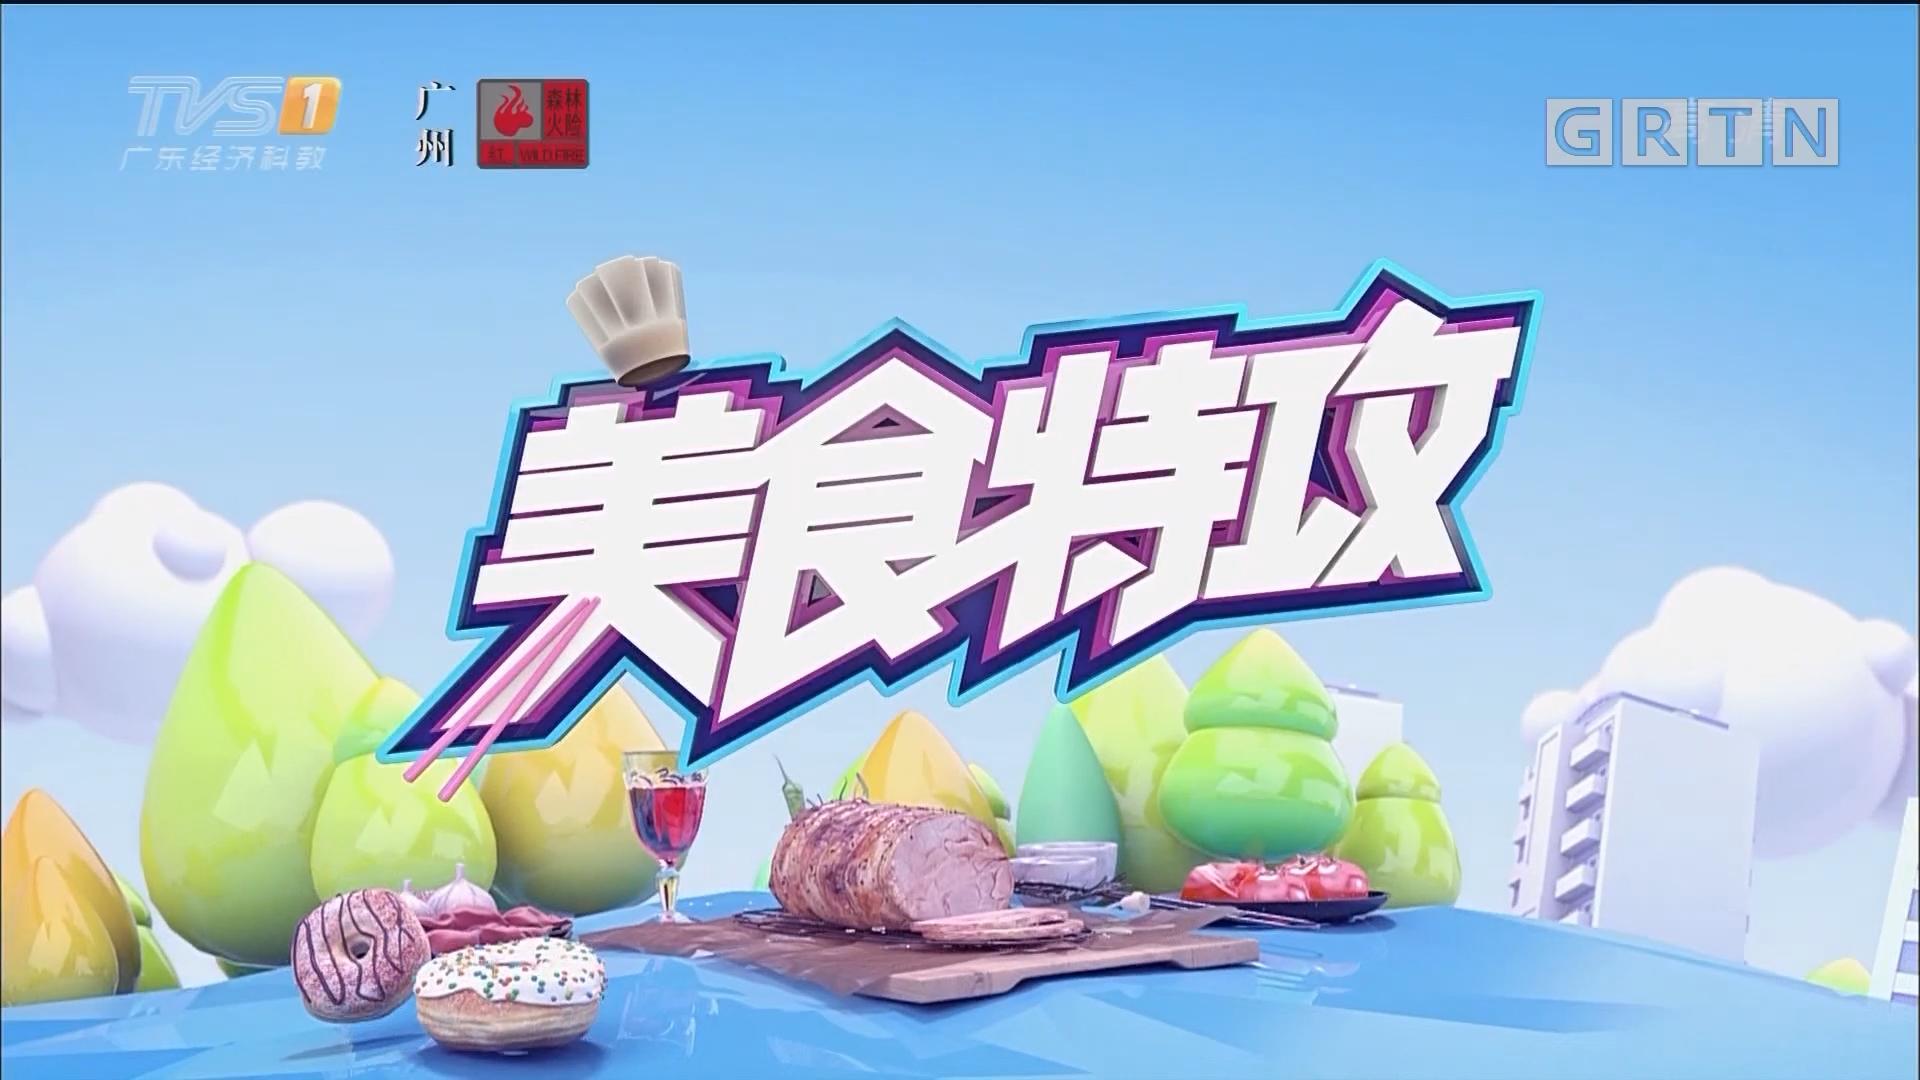 [HD][2019-11-12]美食特攻:日本福冈美食探秘之旅